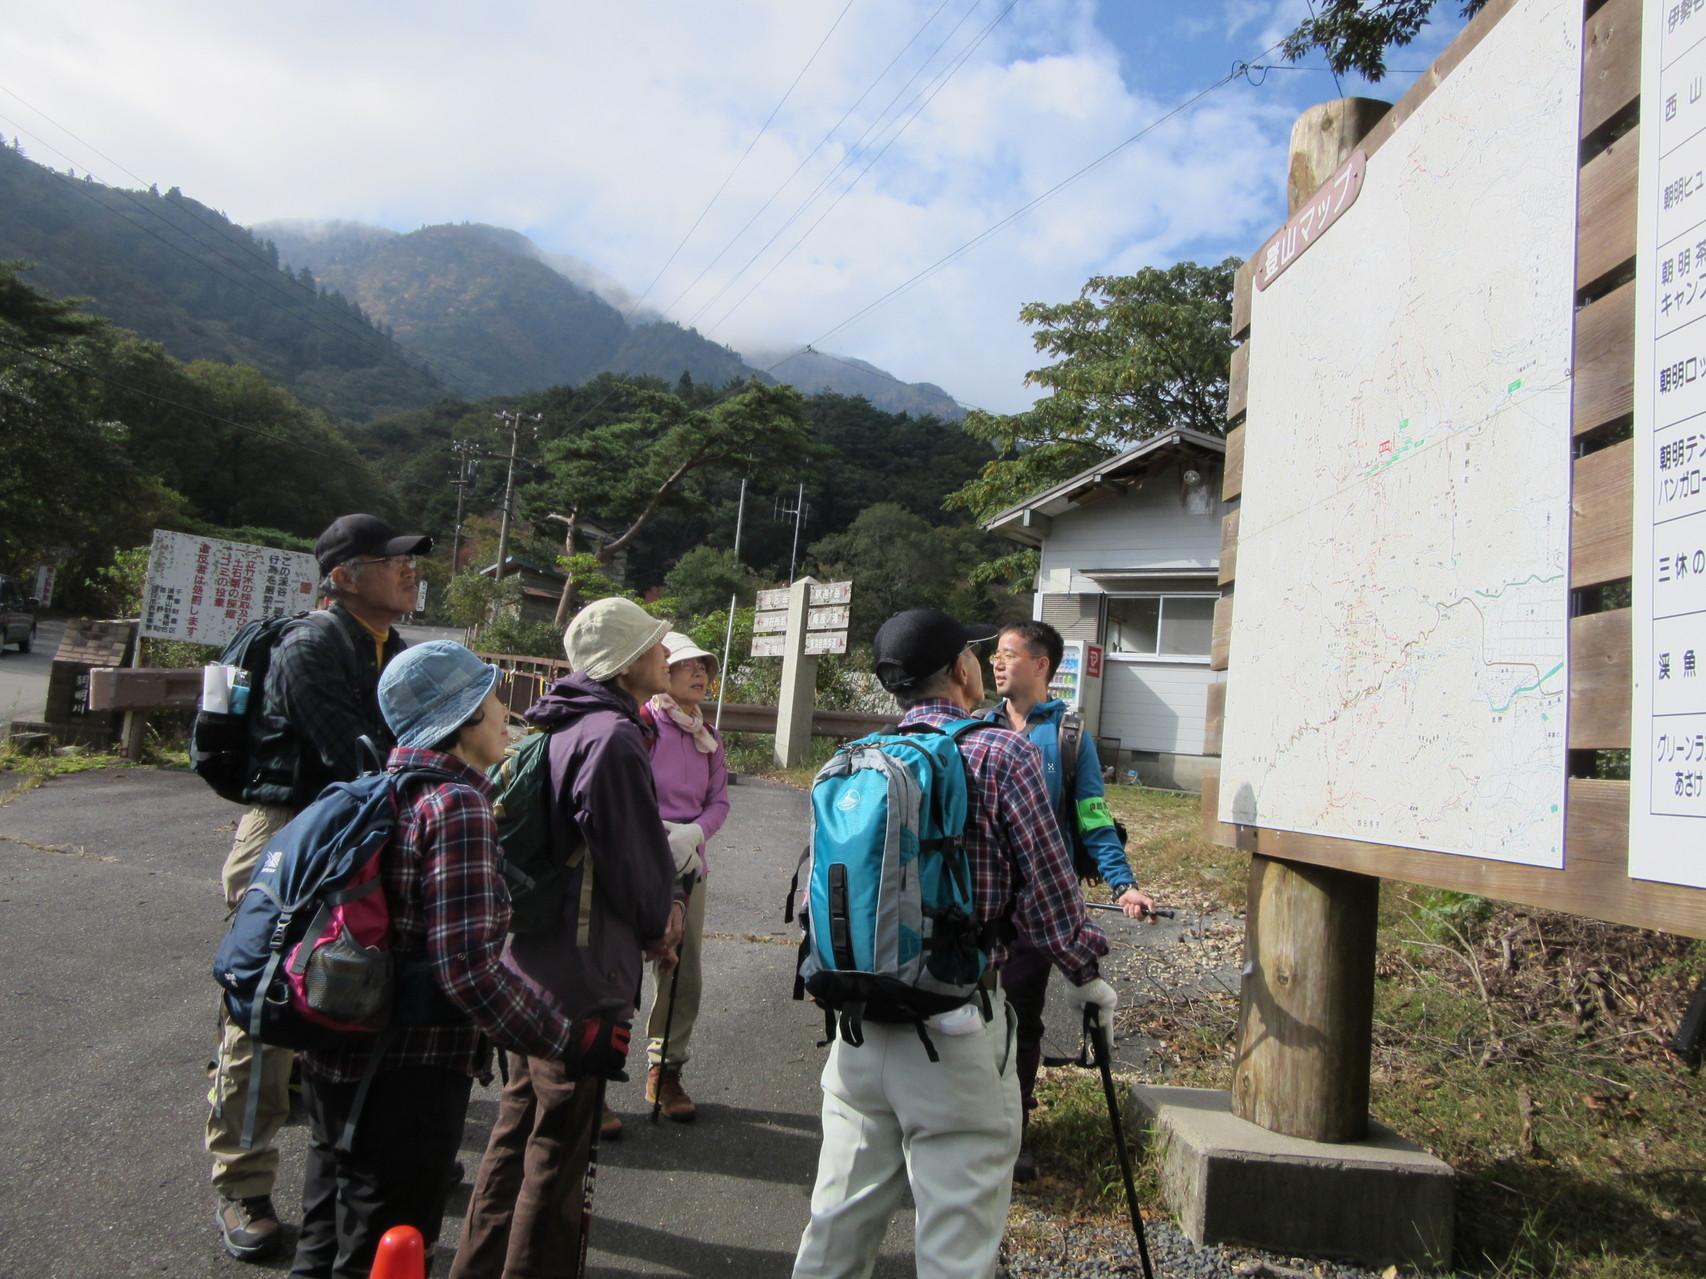 羽鳥峰源流までの行程を確認